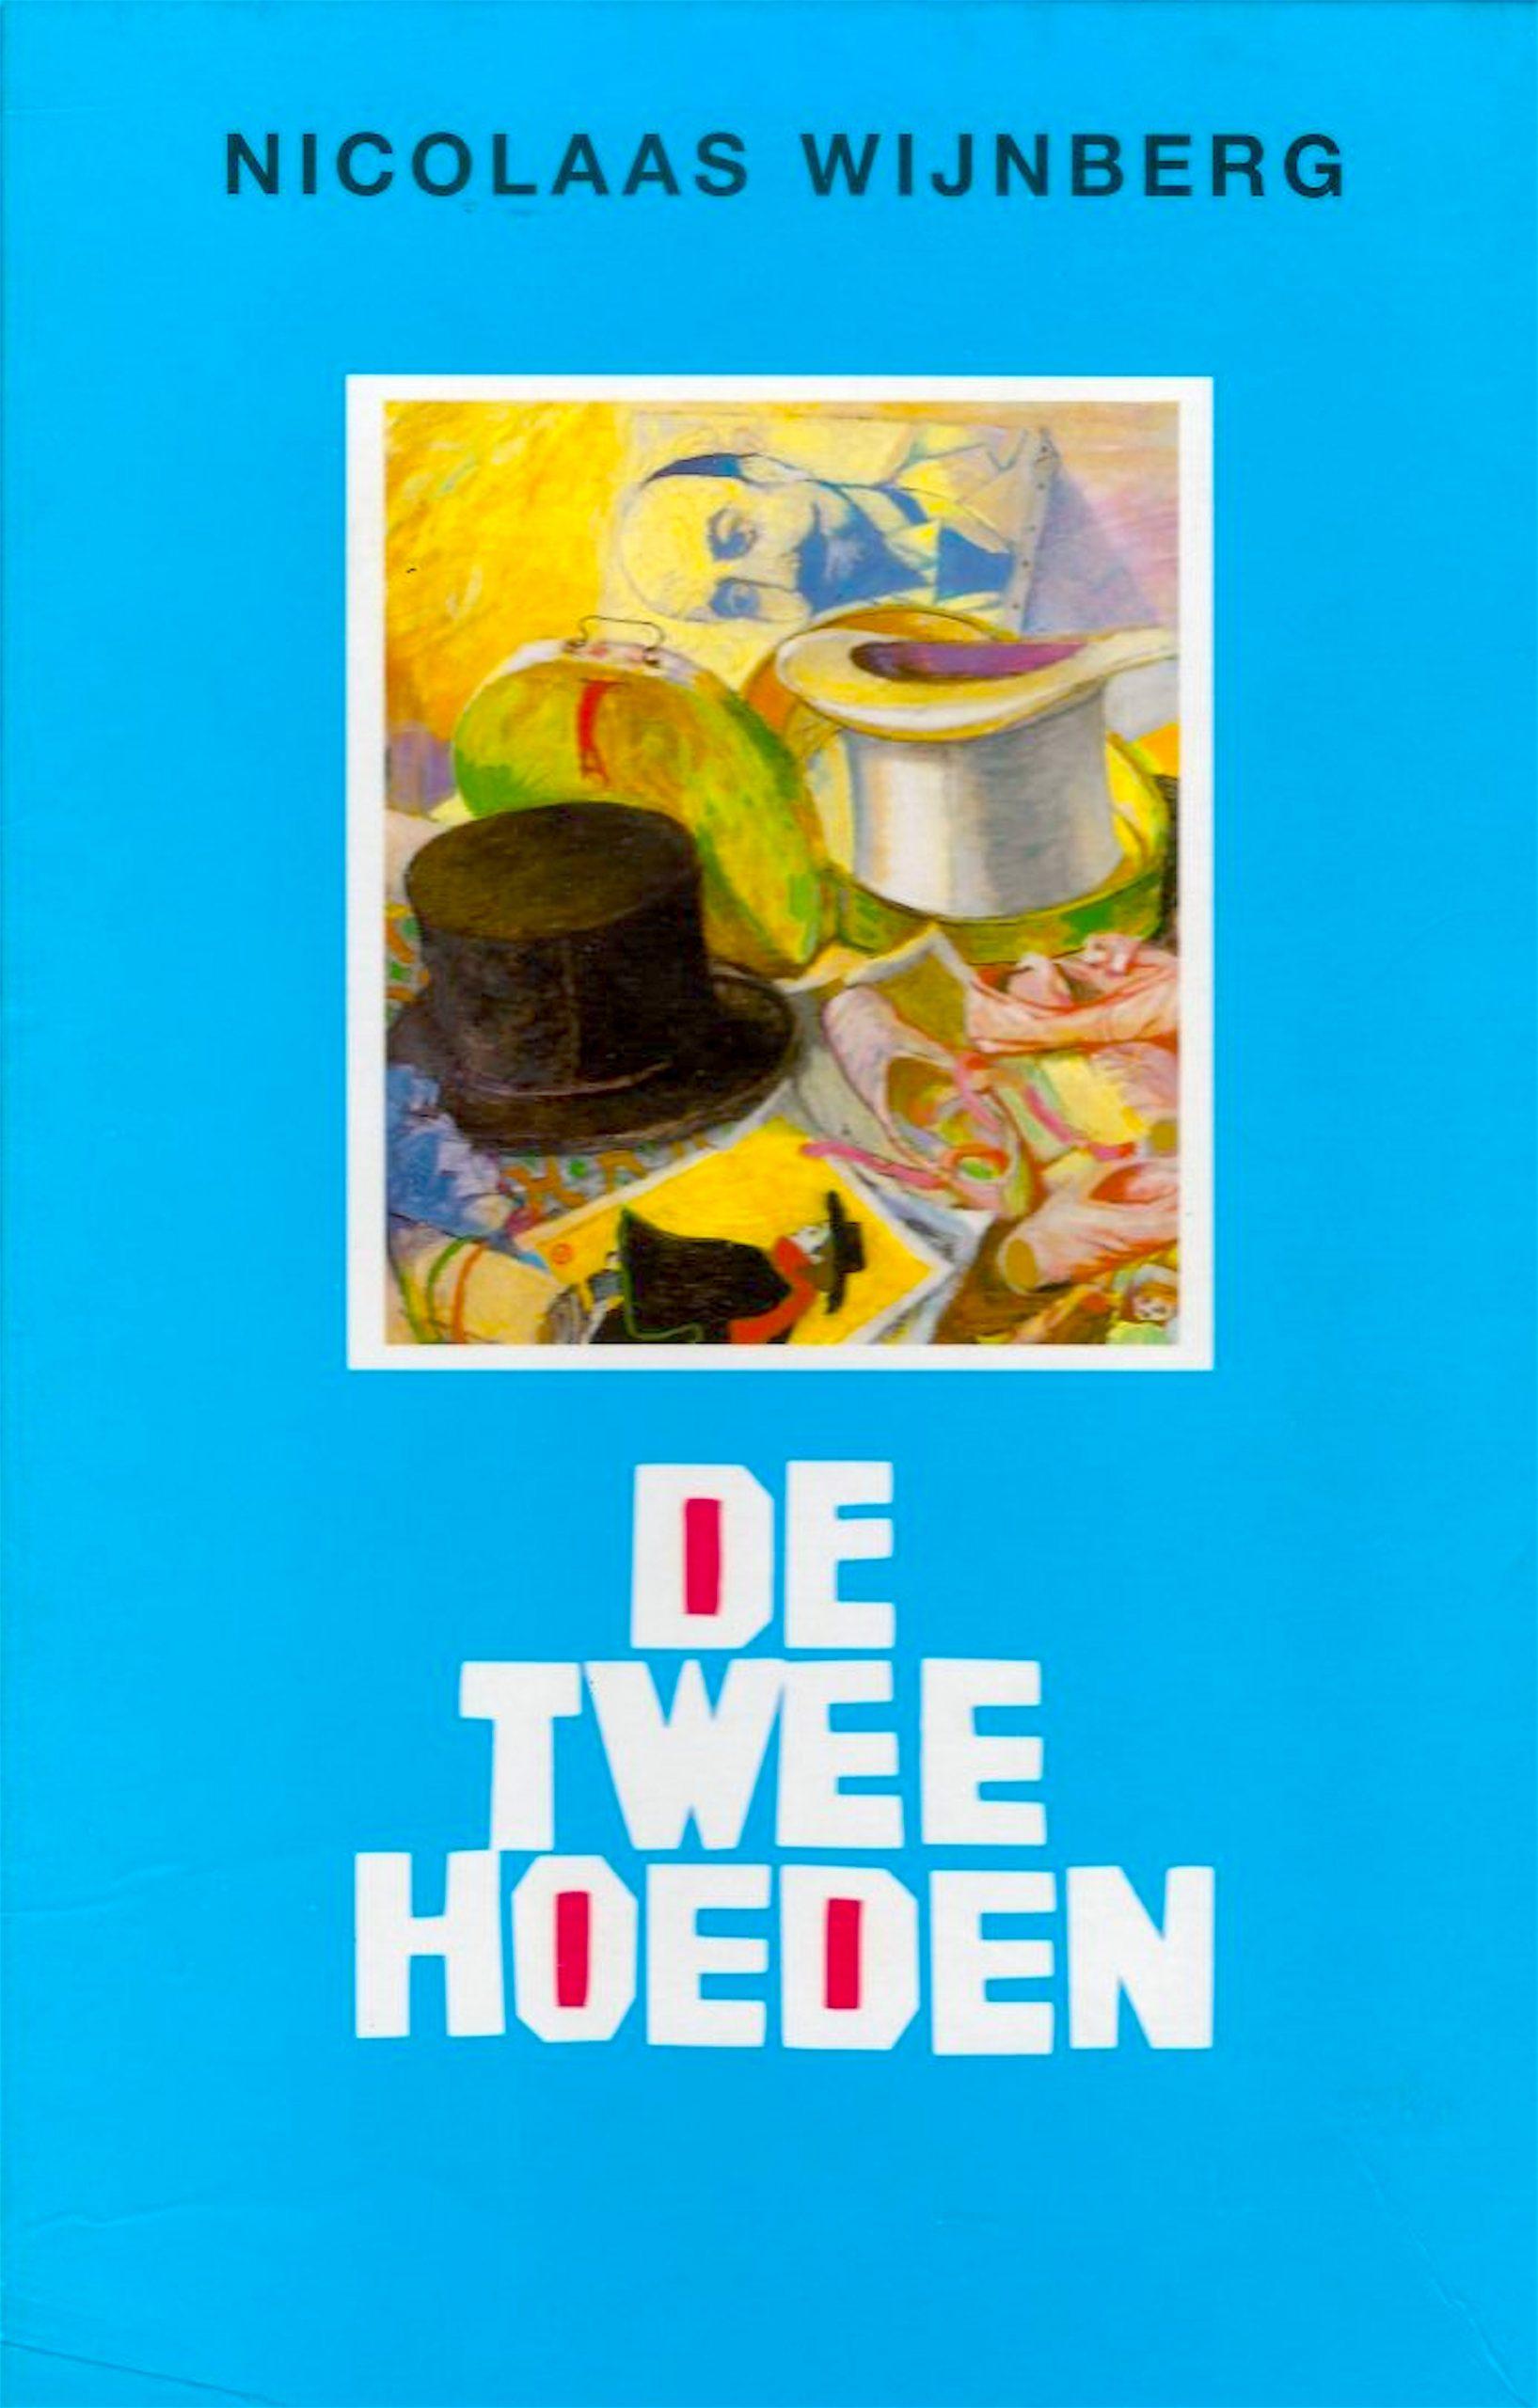 Nocolaas Wijnberg – De twee hoeden (foto Boekwinkeltjes.nl)